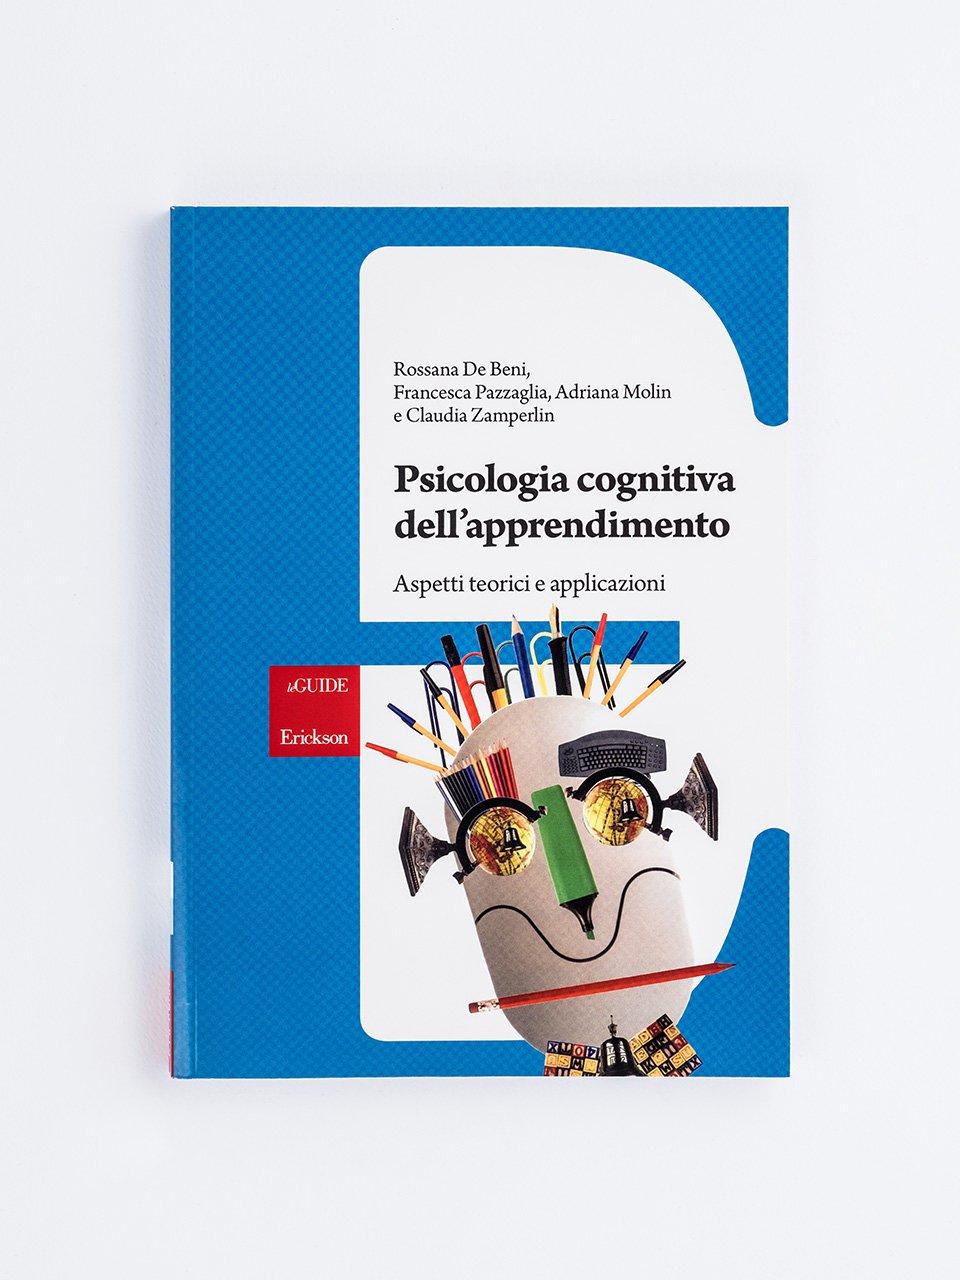 Psicologia cognitiva dell'apprendimento - Adriana Molin - Erickson